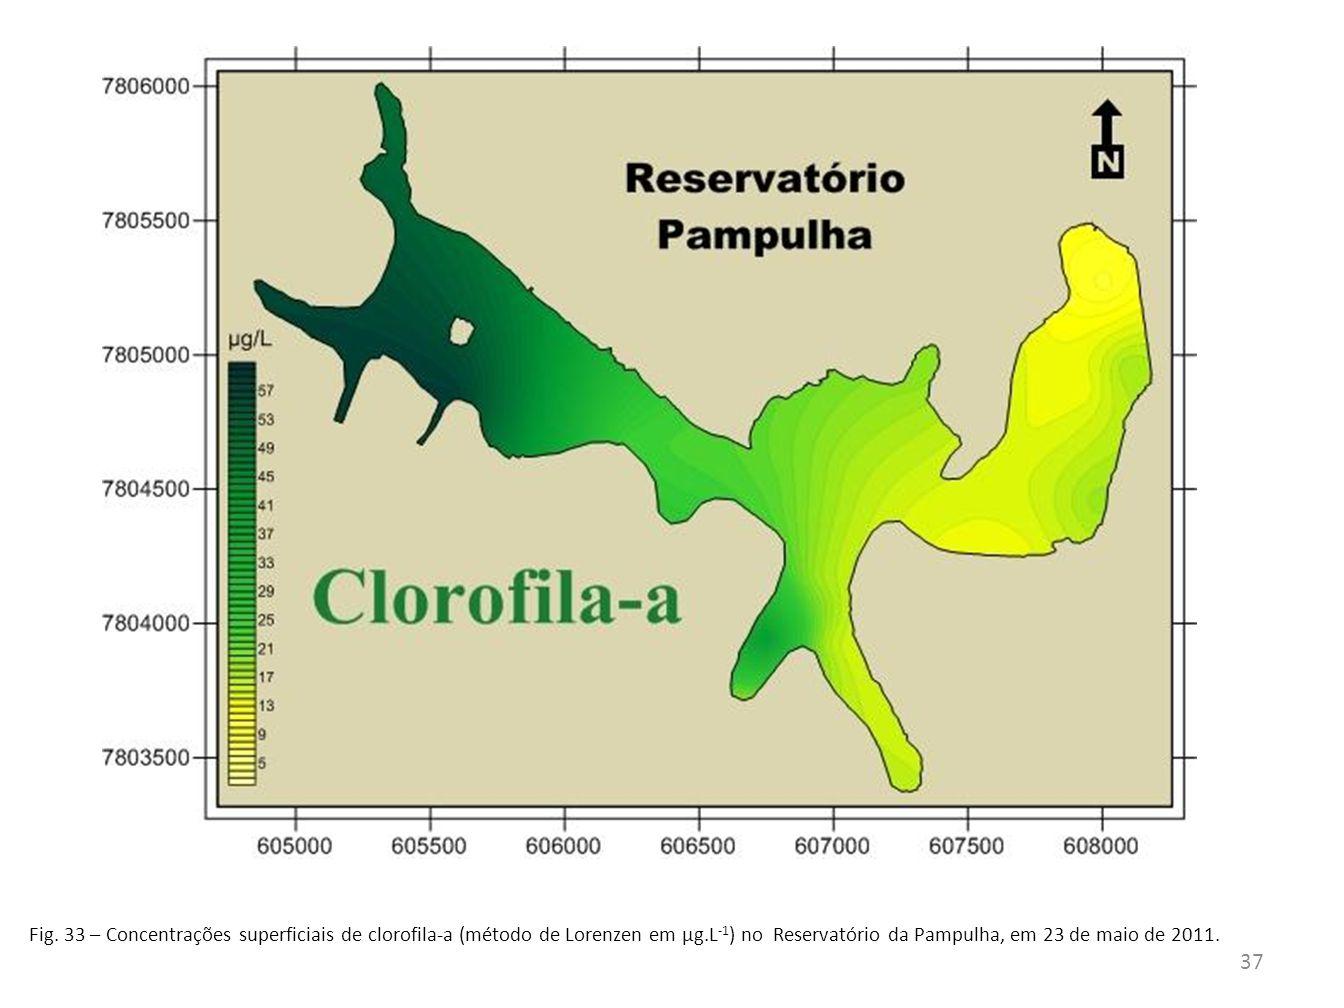 Fig. 33 – Concentrações superficiais de clorofila-a (método de Lorenzen em µg.L -1 ) no Reservatório da Pampulha, em 23 de maio de 2011. 37